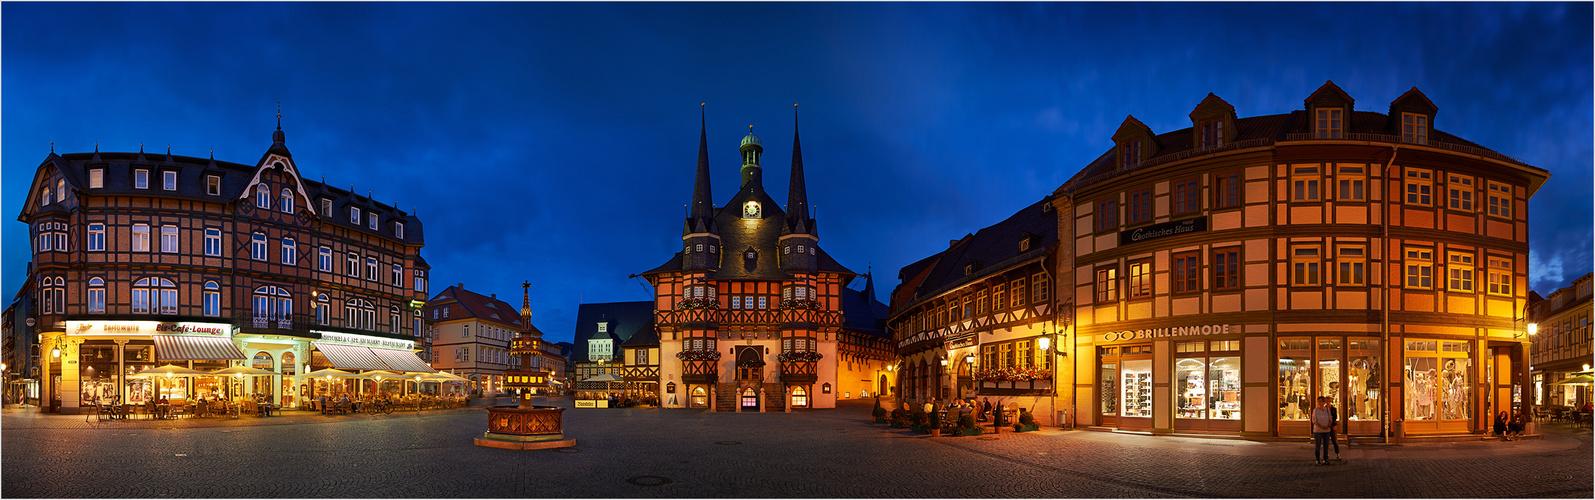 Rathaus und Markt in Wernigerode